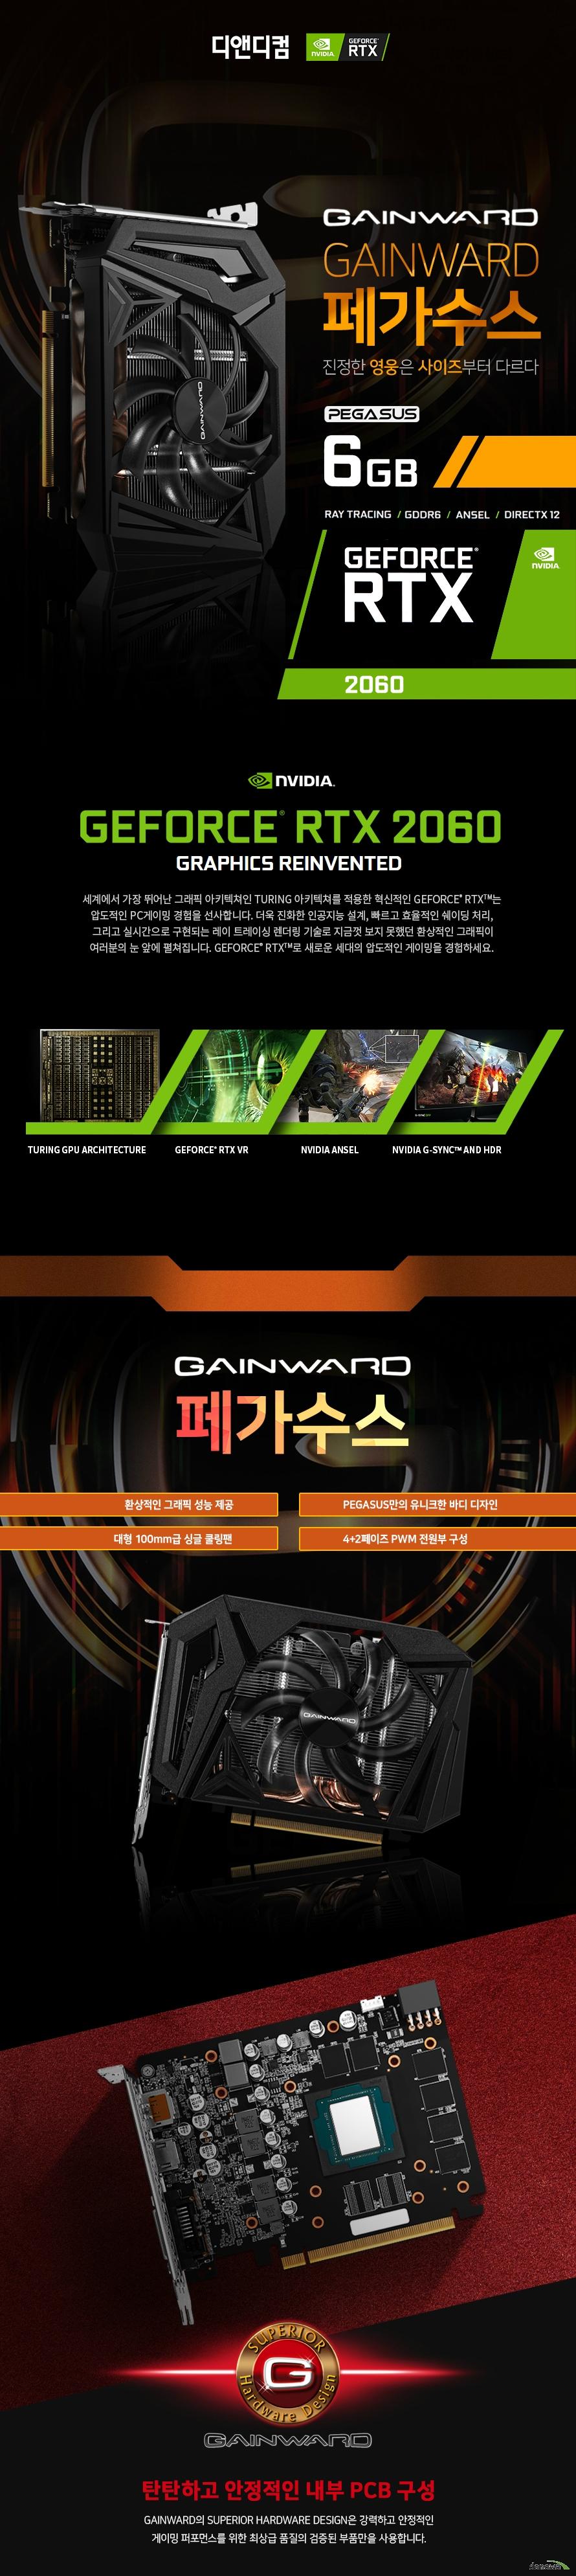 GAINWARD 지포스 GTX 2060 페가수스 D6 6GB 디앤디컴  제품 크기      길이 168밀리미터     높이 126밀리미터     두께 38 밀리미터          제품 상세정보          GPU 엔진 사양          프로세서 코어 1920개     베이스 클럭 1365메가헤르츠     부스트 클럭 1680메가헤르츠          메모리 사양          메모리 속도 14000메가헤르츠     메모리 용량 6기가바이트     메모리 인터페이스 GDDR6 192비트          디스플레이 출력 정보          모니터 동시 지원 최대 3대     최대 해상도 7680 4320     출력 포트 DP1.4 포트 1개 HDMI 2.0포트 1개 듀얼링크 DVI D 1개     제품 전력 사양          그래픽카드 소모 전력 160와트     최소 시스템 요구 전력 500와트     전원 커넥터 8핀           제품 추가 사양          제품 인증번호 R R DND GW RTX2060 PG     품질 보증기간 3년 무상 보증       디앤디컴 3년무상 서비스          디앤디컴에서 유통하는 게인워드 지포스 gtx 제품은 3년 무상 품질 보증 서비스를 제공합니다.     디앤디컴 서비스 센터 02 702 1358